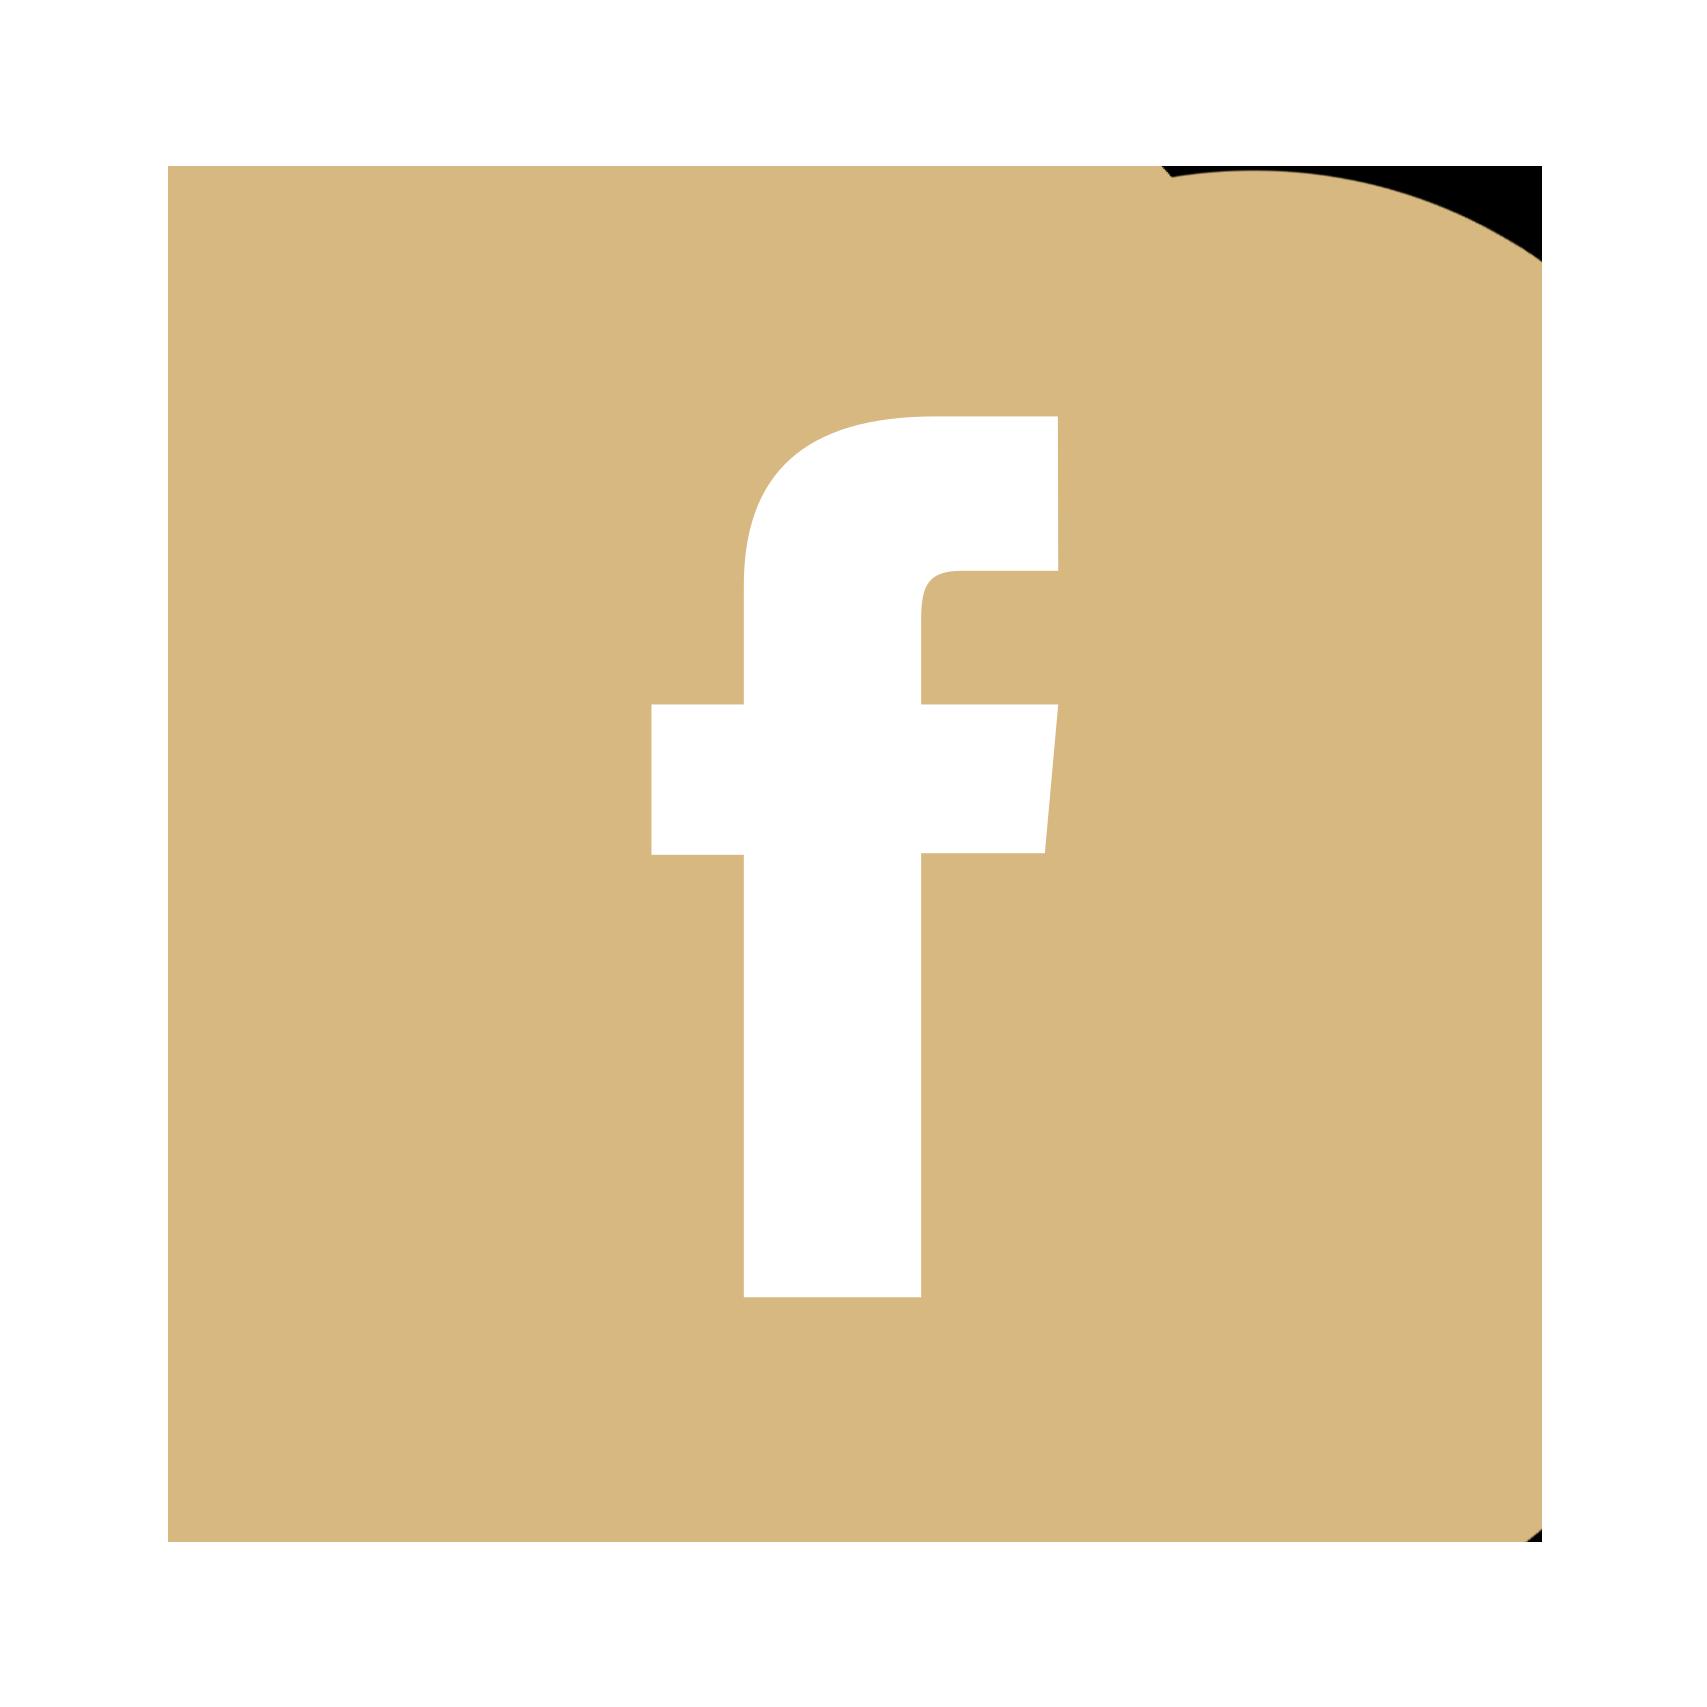 facebookgold